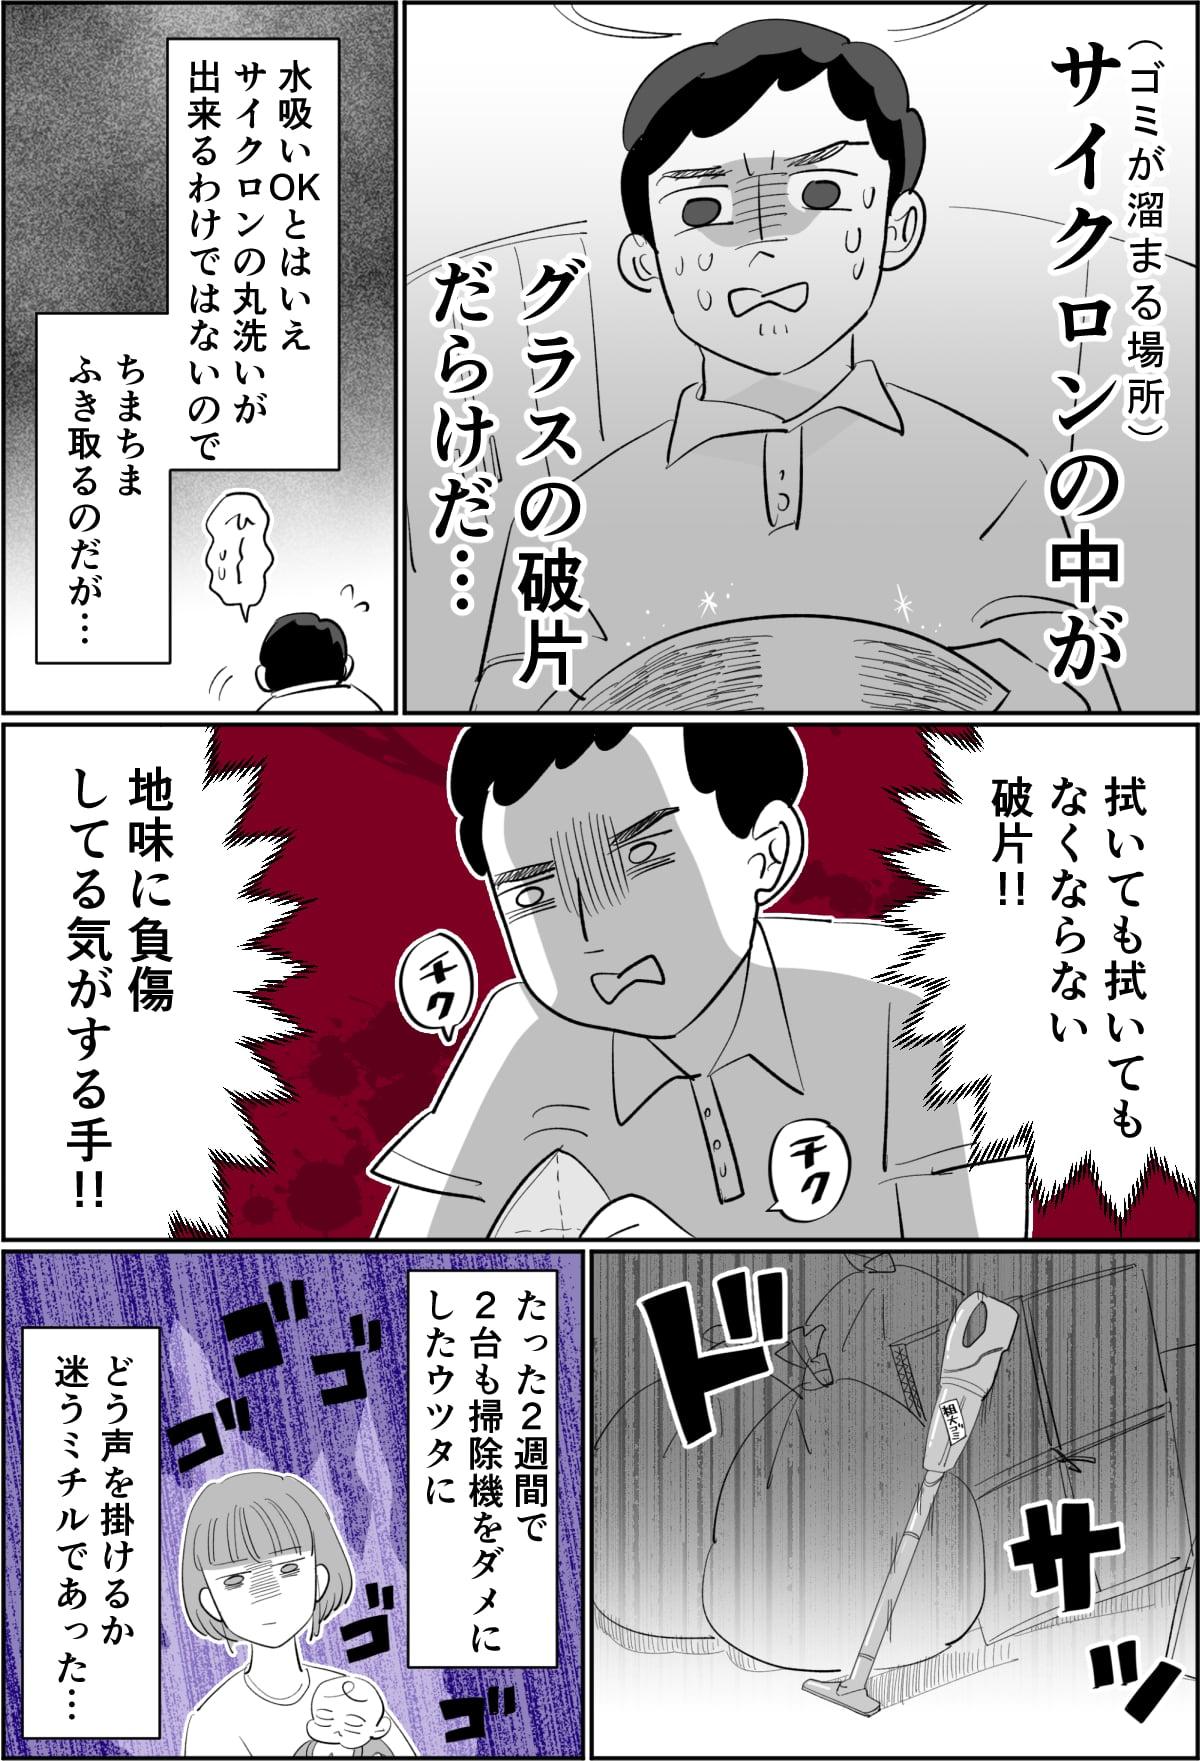 【後編:ギリギリ旦那11】-3